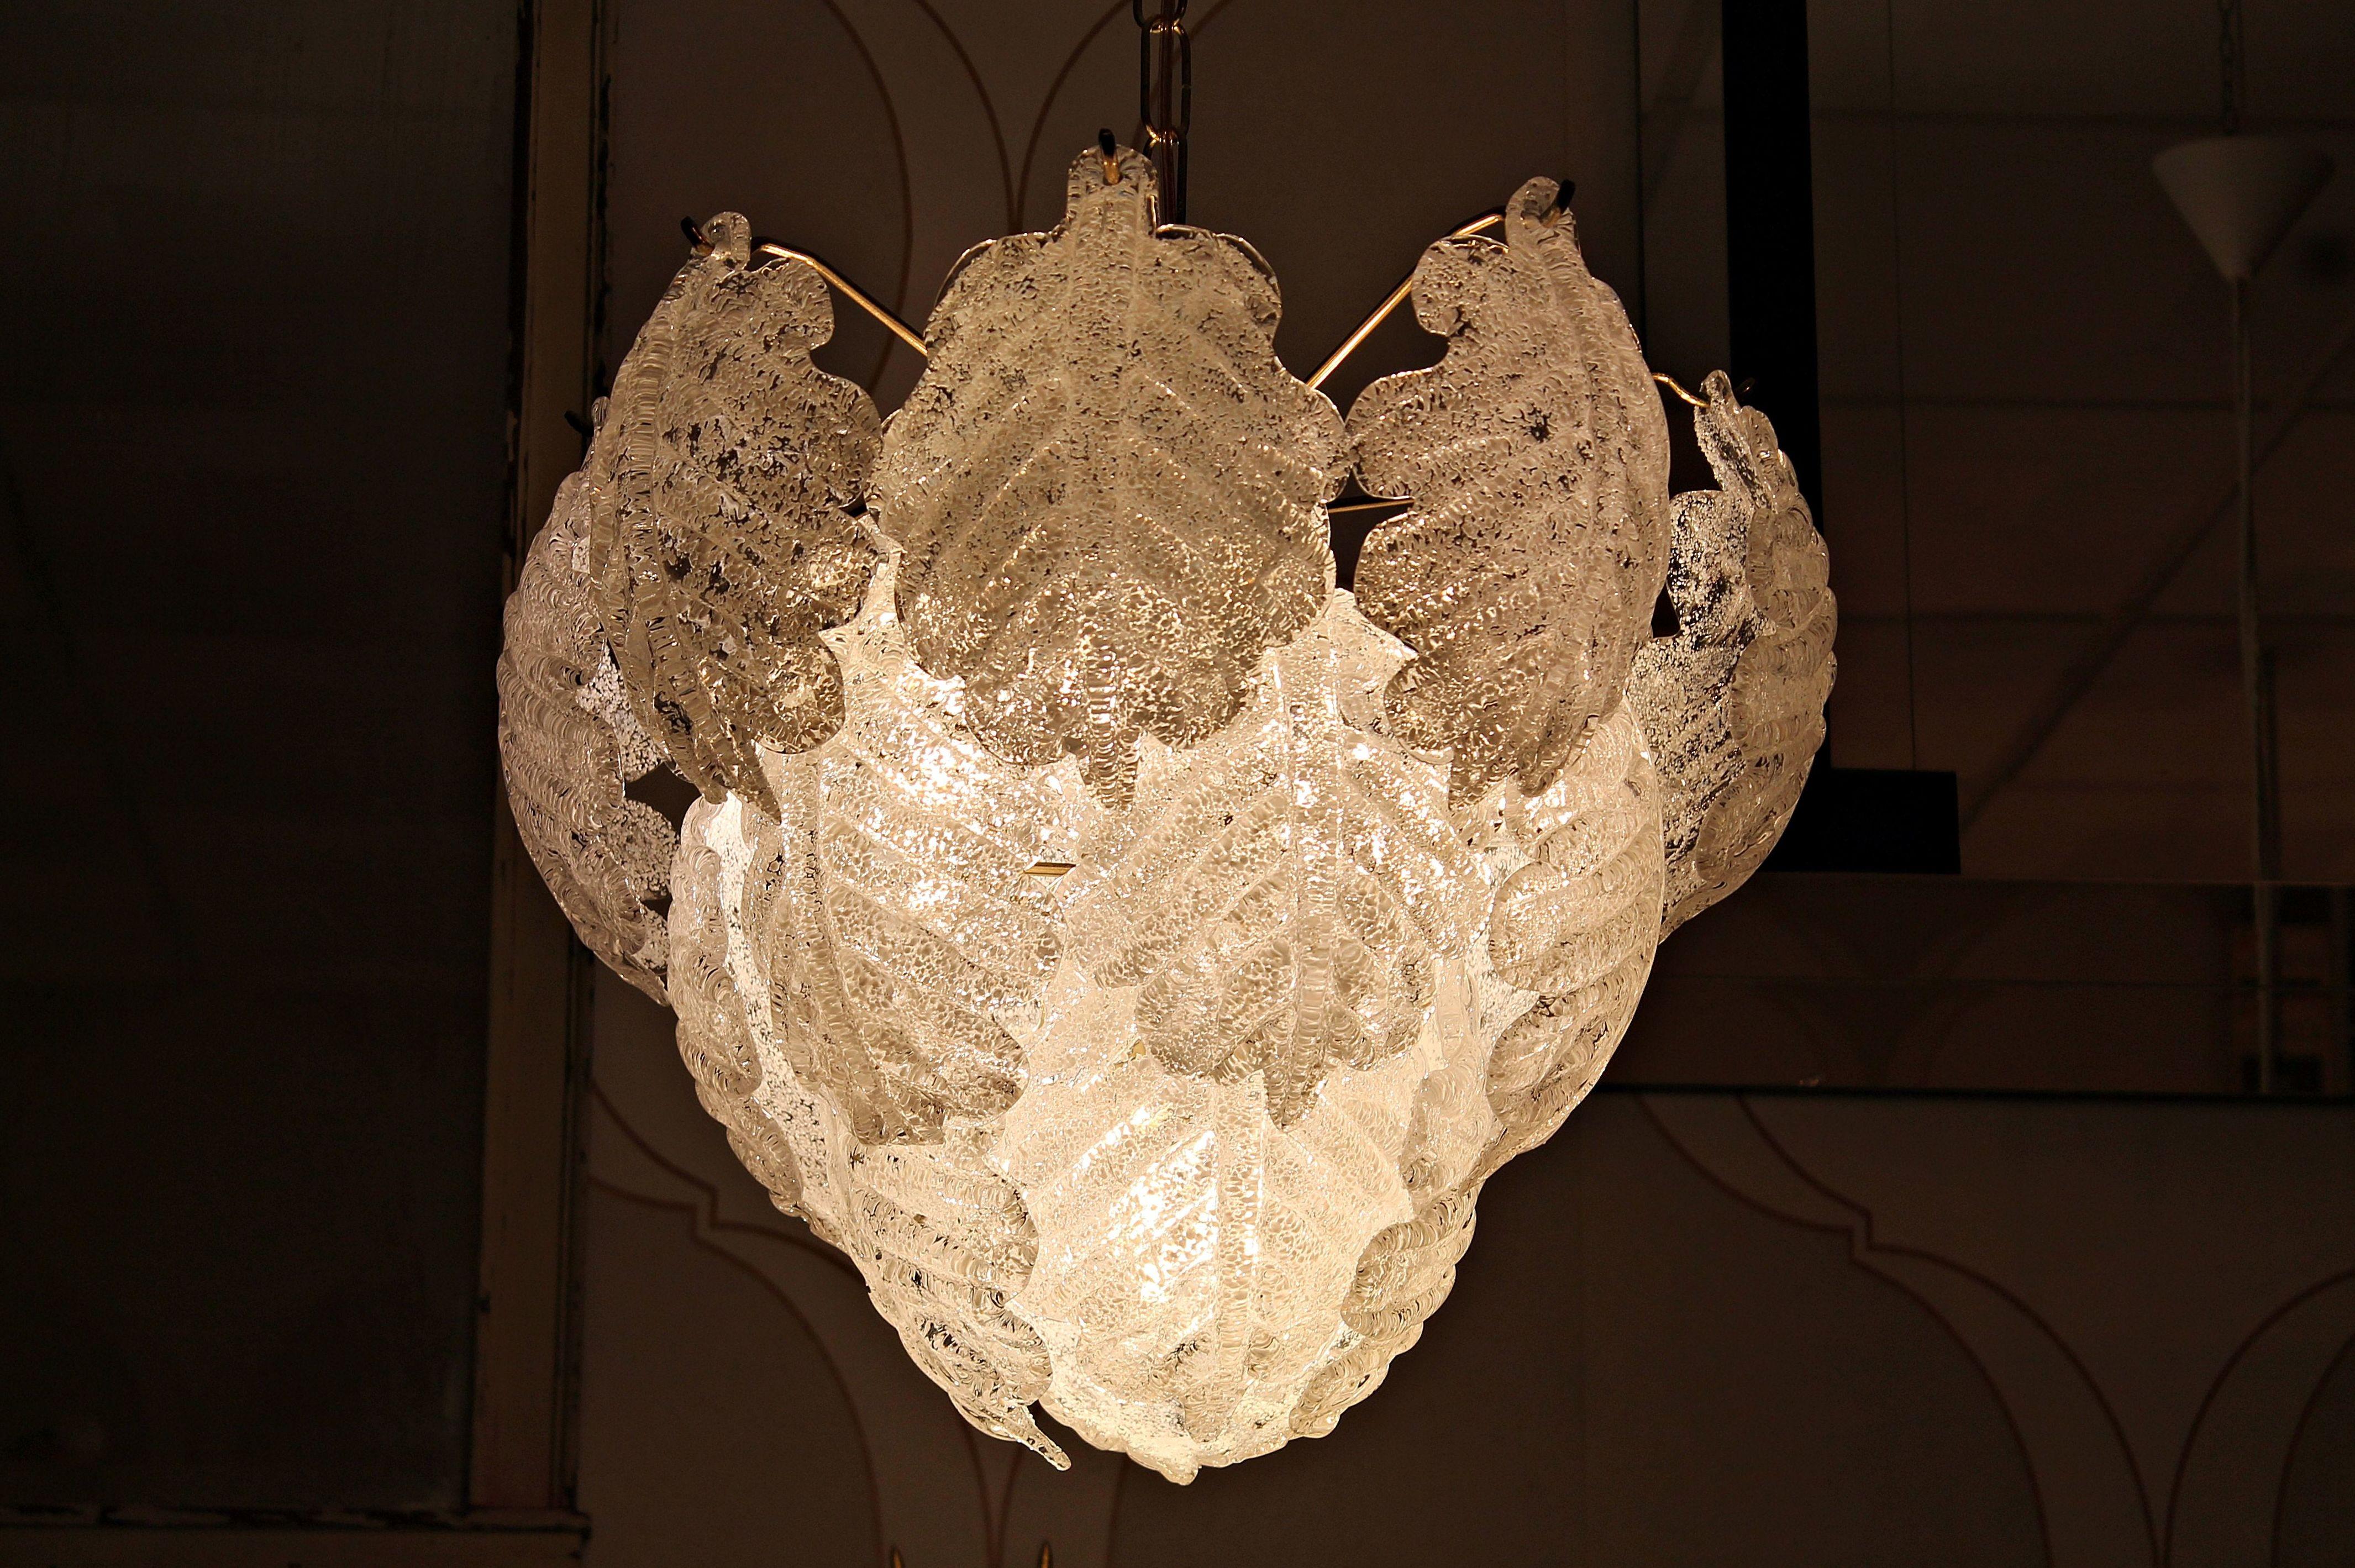 LAMPARA DE CRISTAL DE MURANO EN VALENCIA